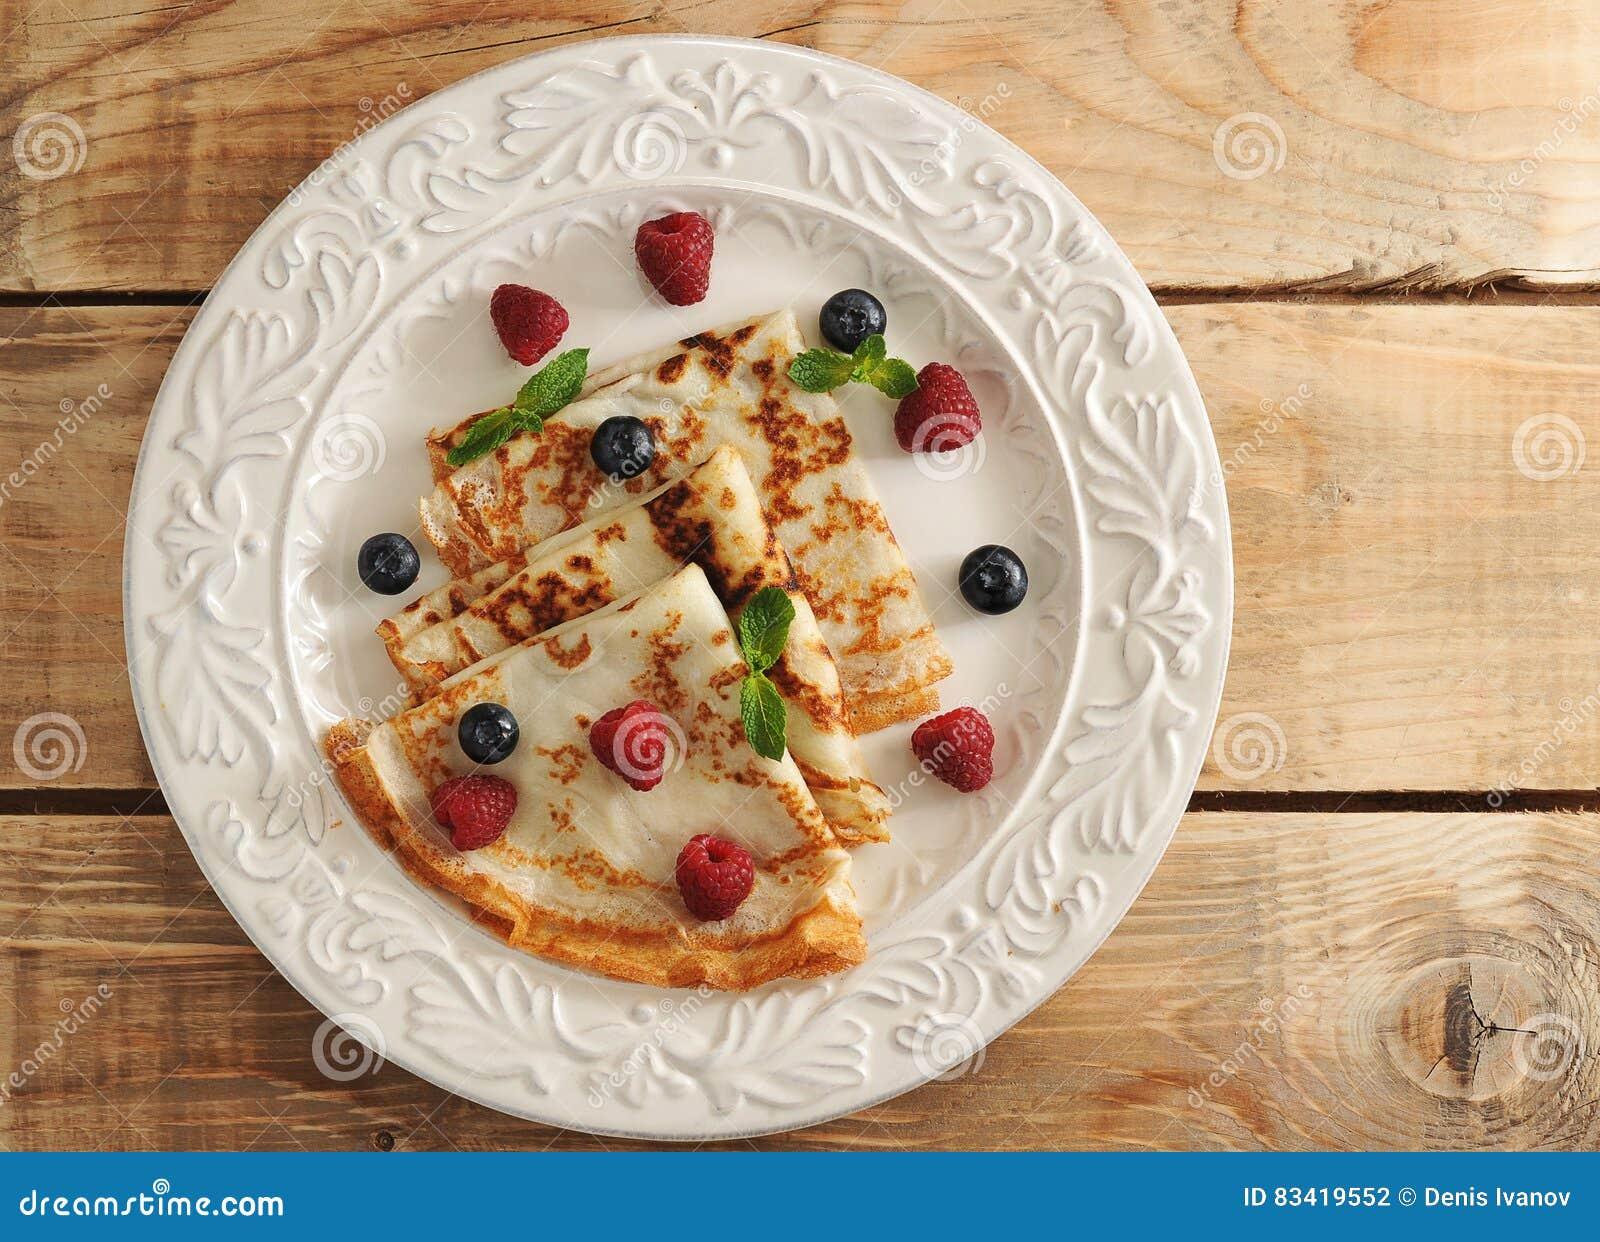 Pannkakor på en platta och bär - hallon och blåbär, M